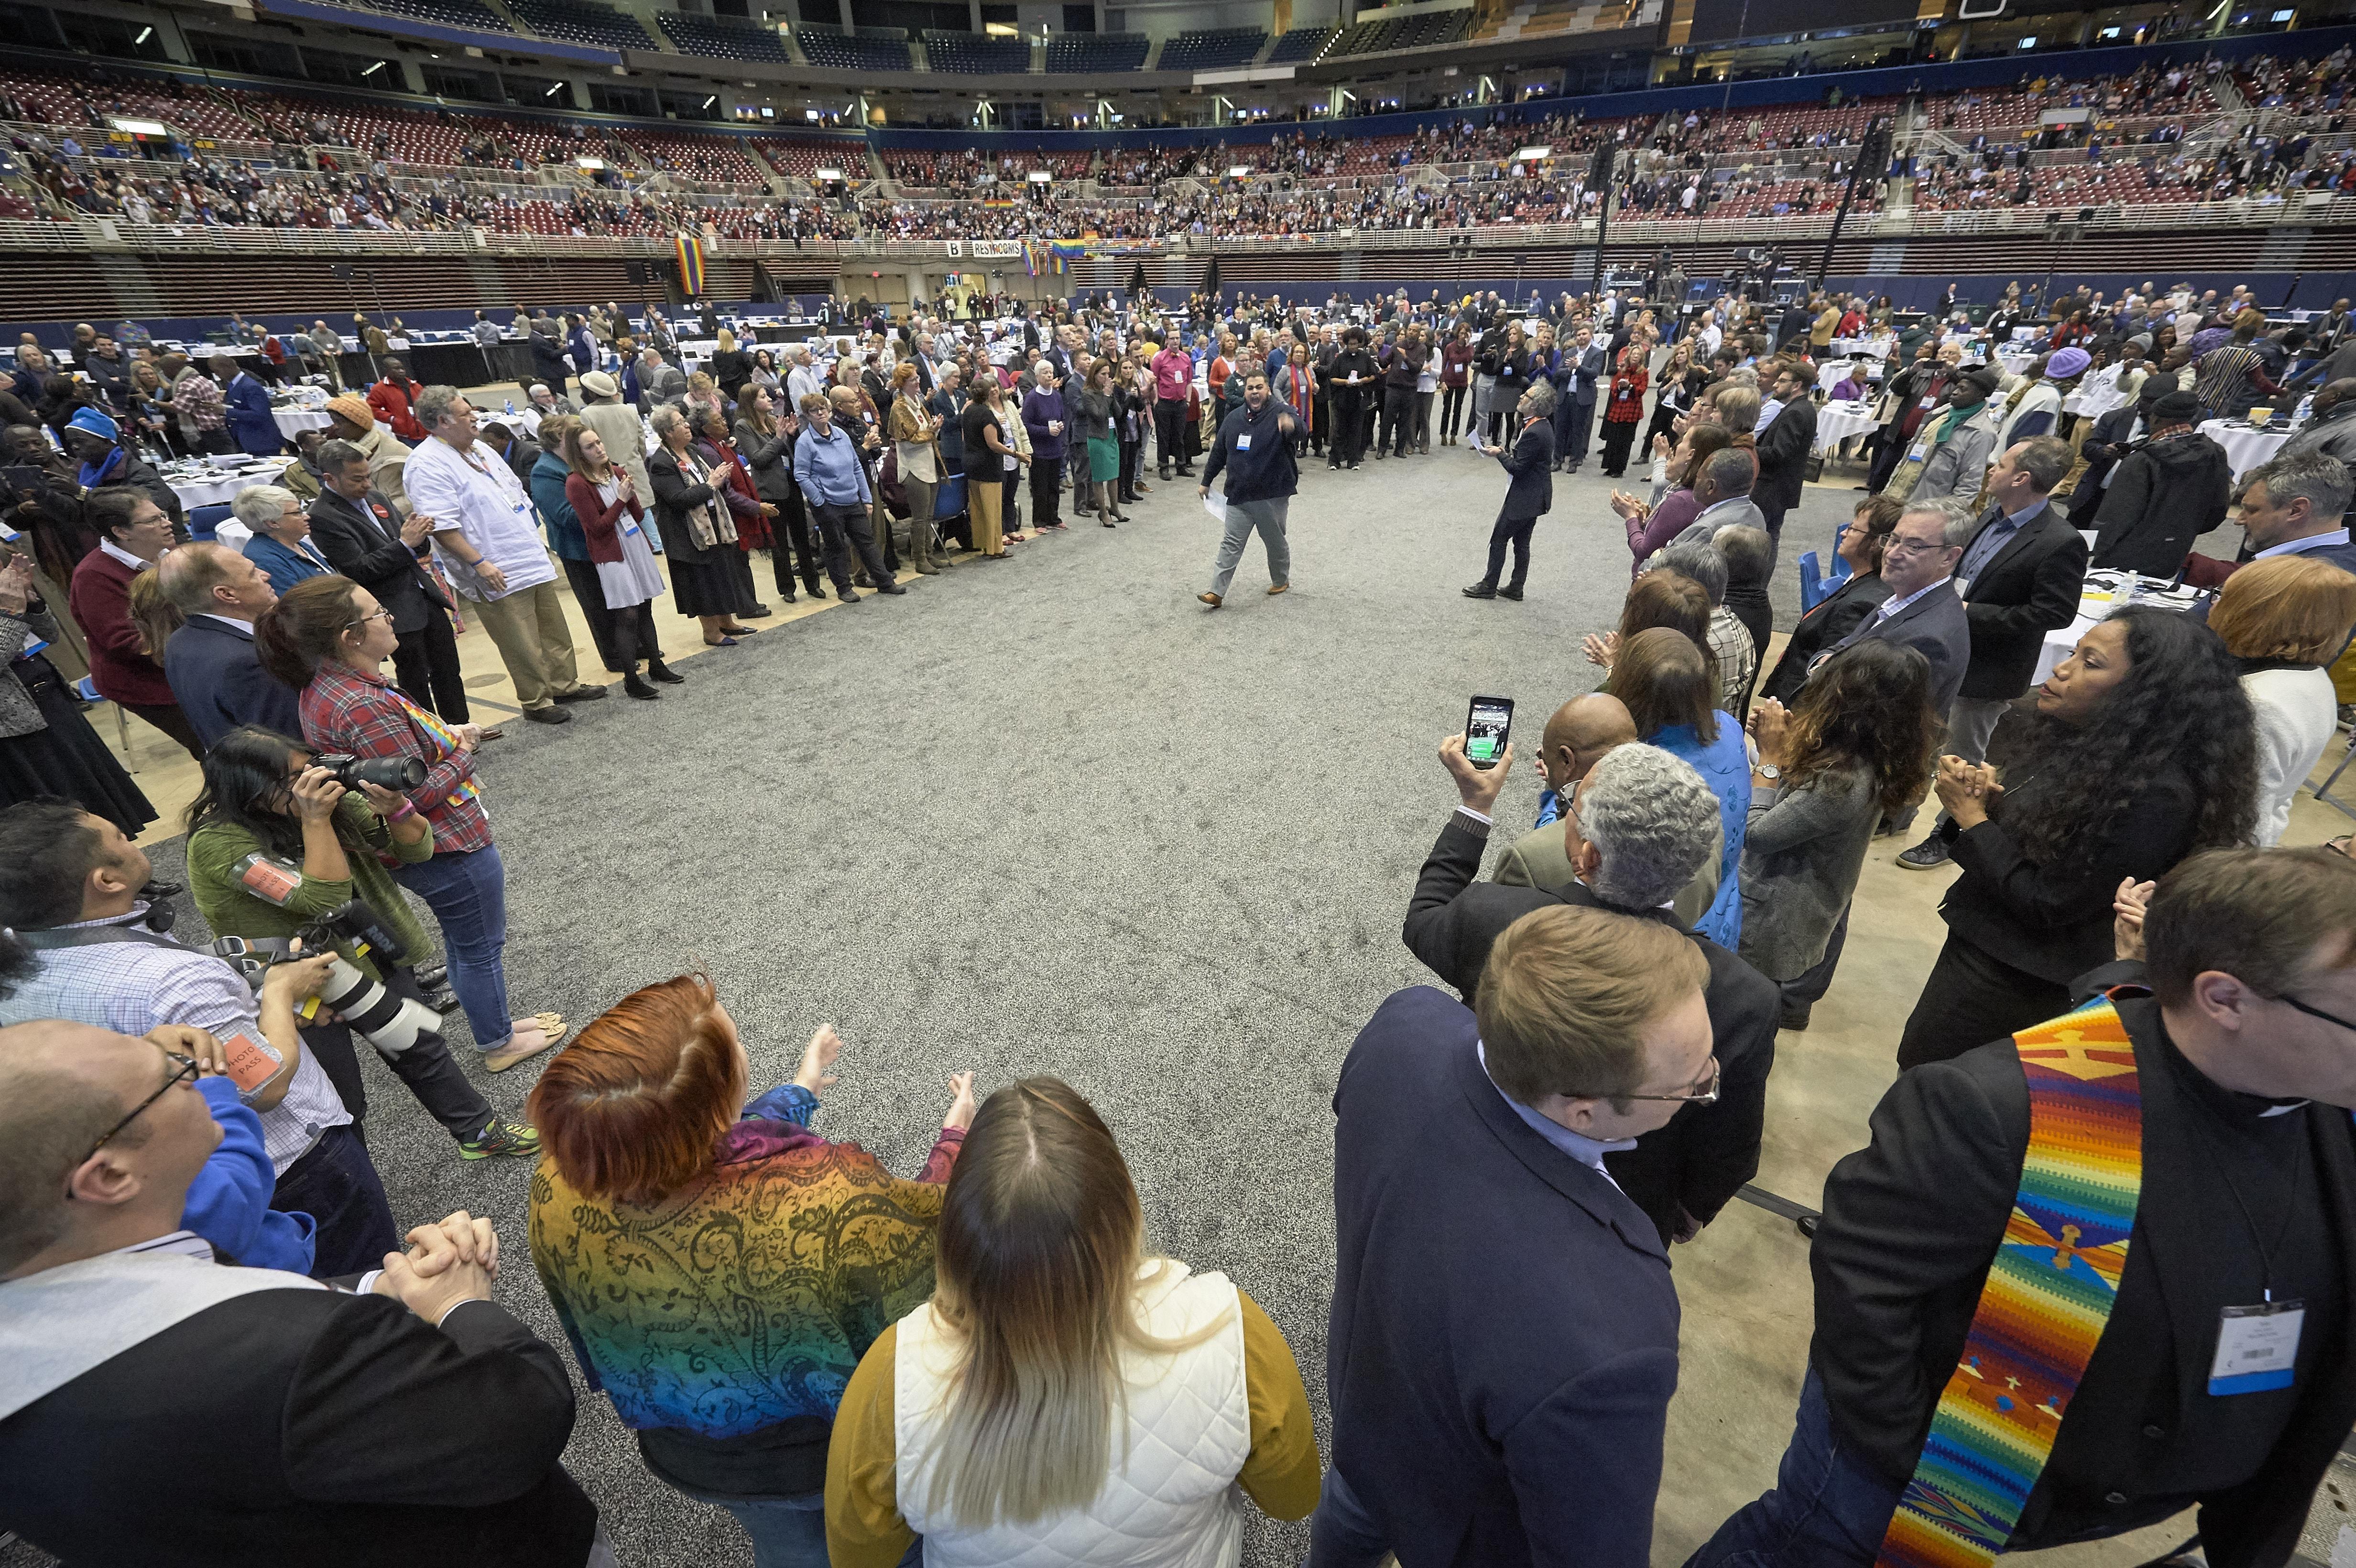 Después de la votación del 26 de febrero de 2019 que fortalece la aplicación de las políticas de la iglesia sobre la homosexualidad, Ian Urriola delegado de Nueva York, habló a otros delegados que, en protesta, formaron un gran círculo en el centro del piso de la plenaria. Foto por Paul Jeffrey, Noticias MU.